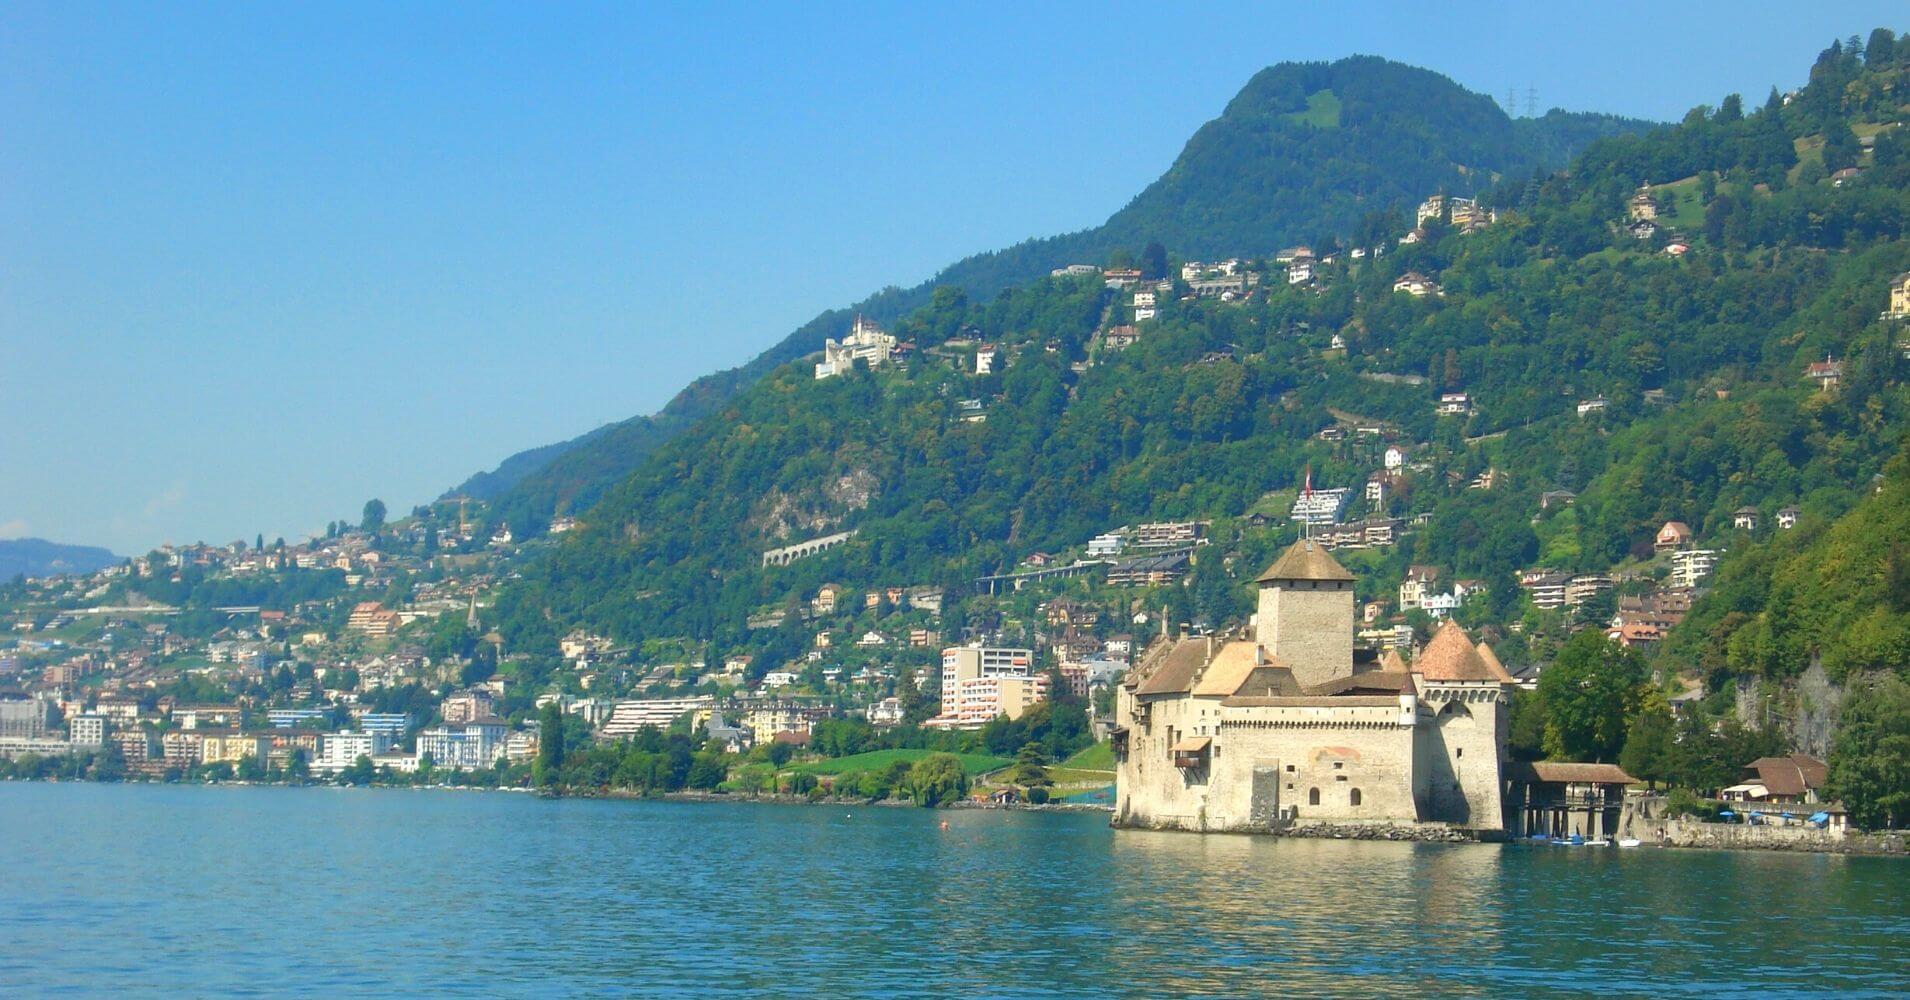 Lago Lemán. Chateau de chillon, Veyteaux. Vadud. Suiza.